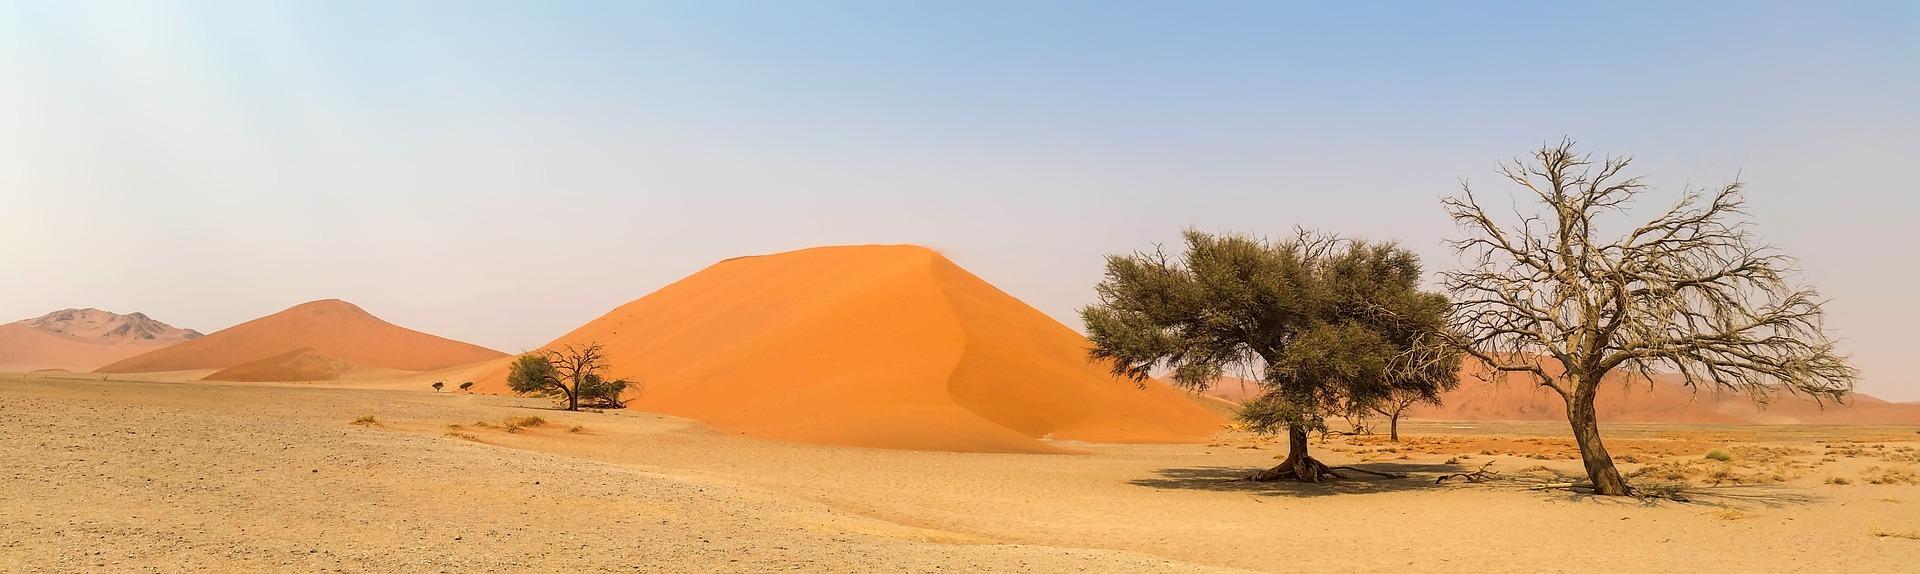 Namibia Wüstendüne mit Bäumen